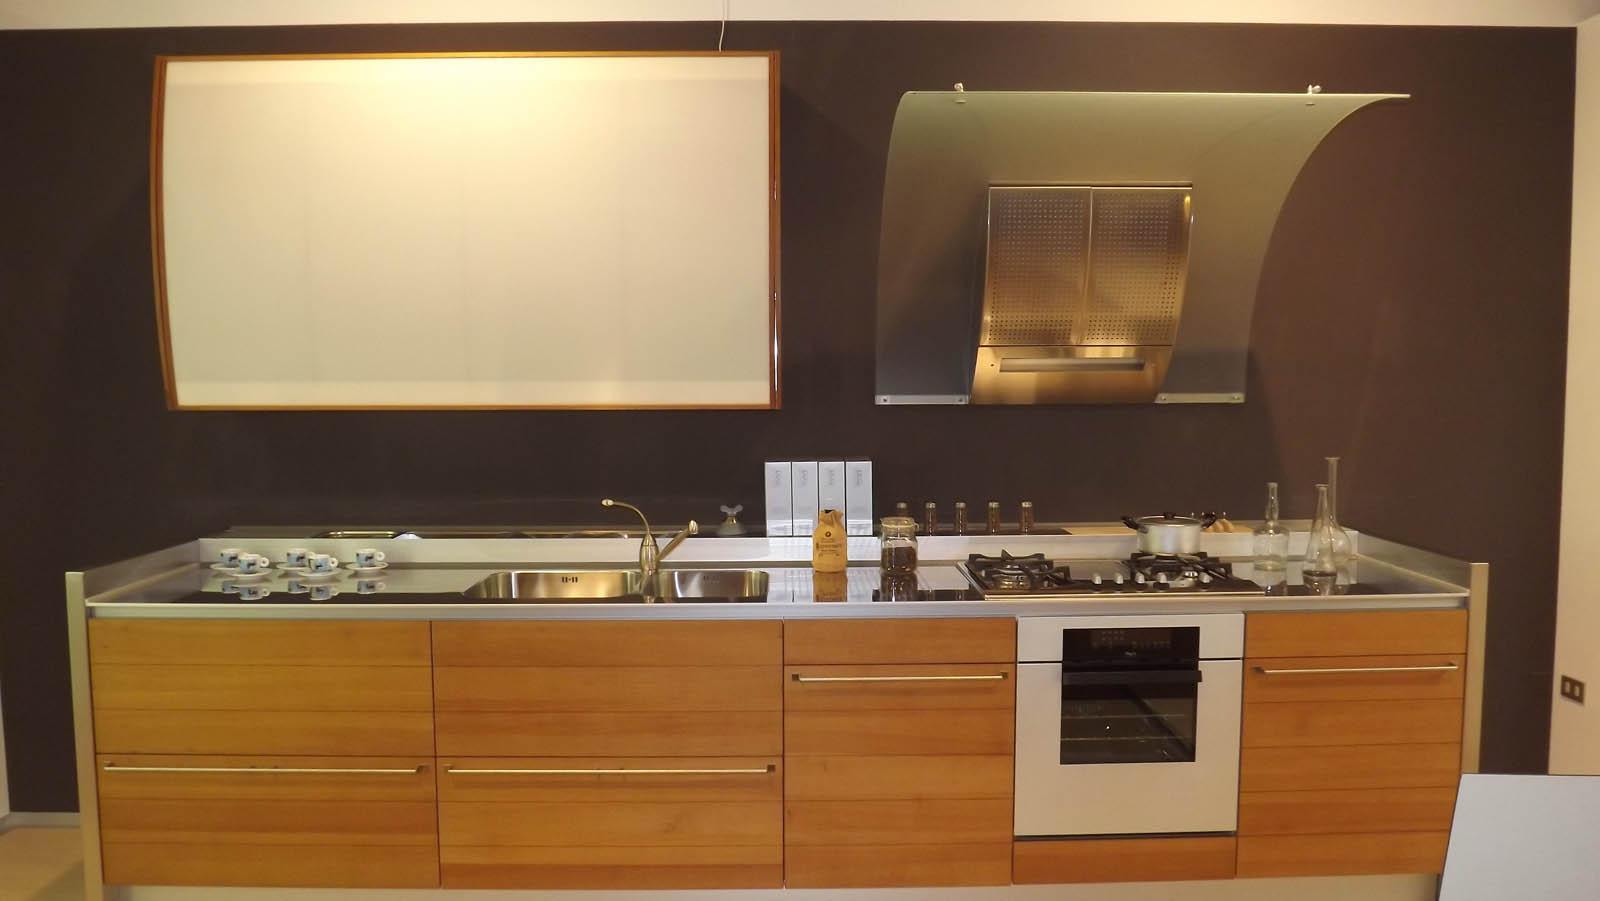 Colori da abbinare a mobili arte povera - Top cucina scavolini colori ...